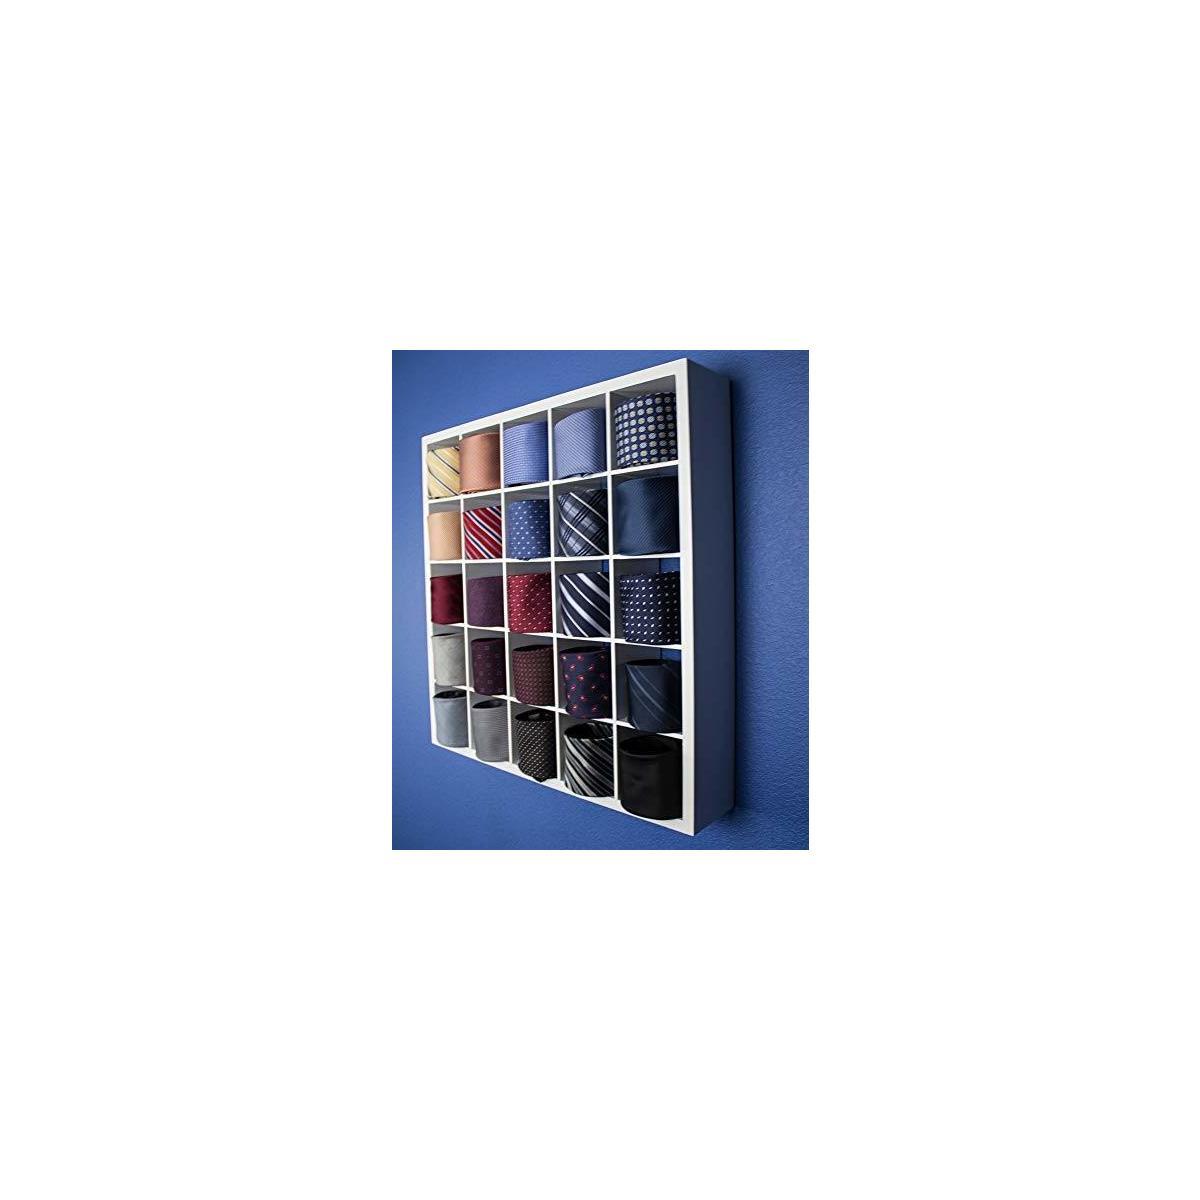 Tie Organizer Belt Scarves Closet Display Cabinet Storage 9 Cubes (3 x 3) - White